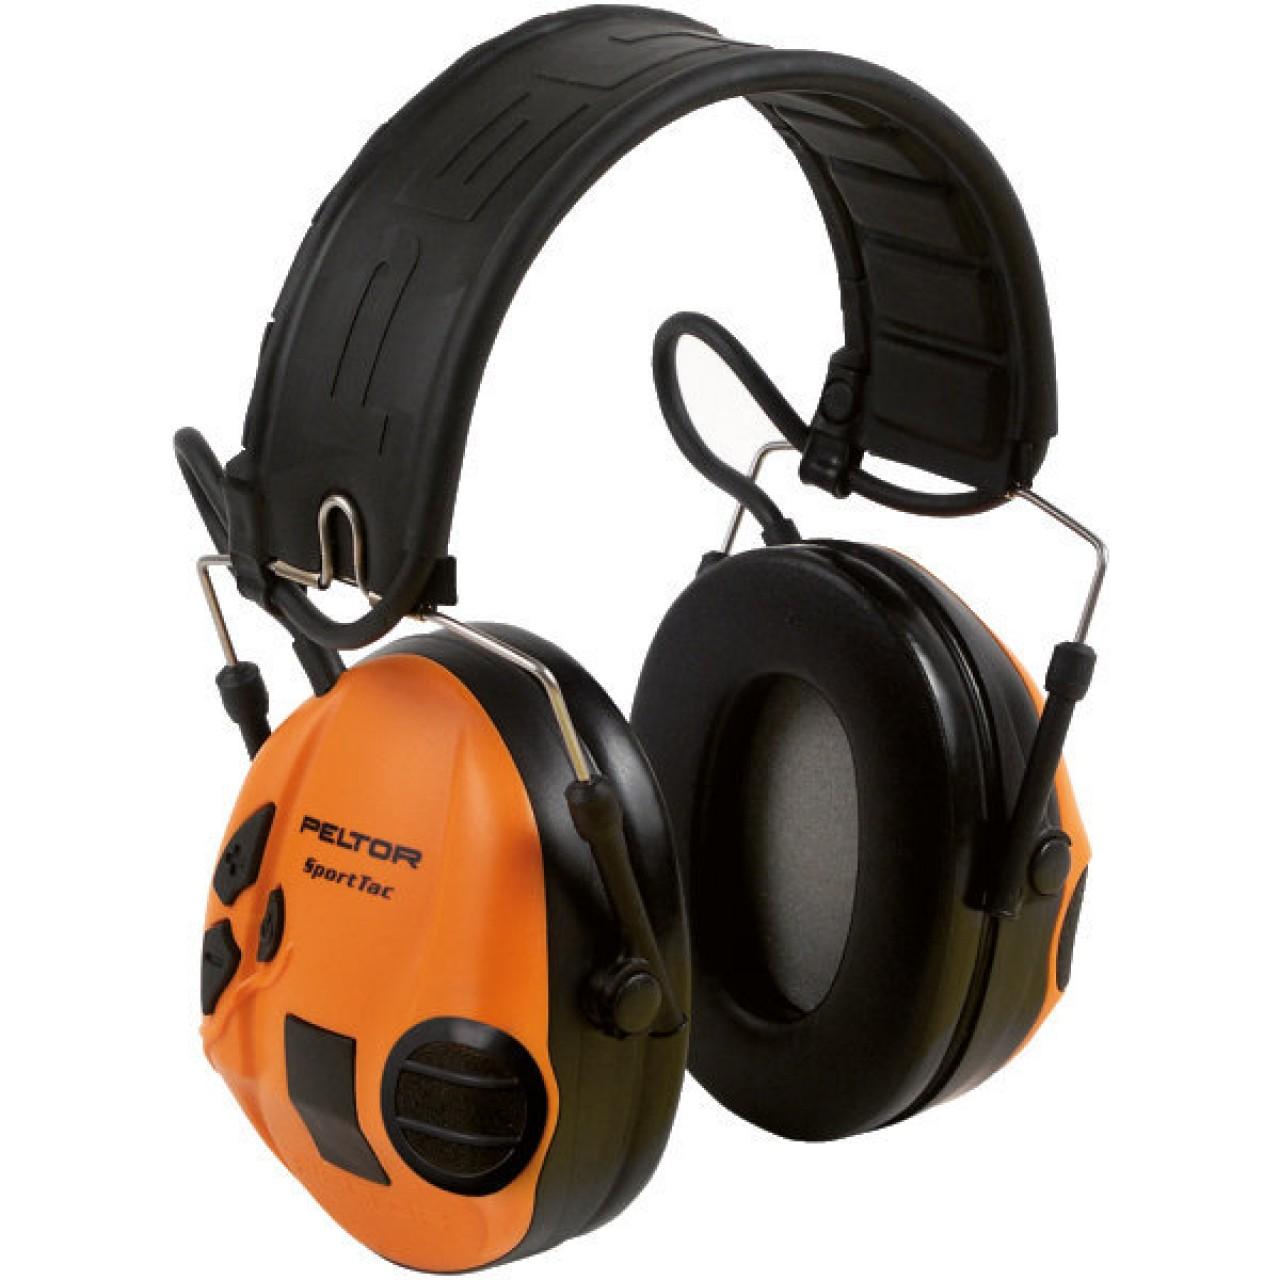 Gehörschutz SportTac Peltor elektronisch